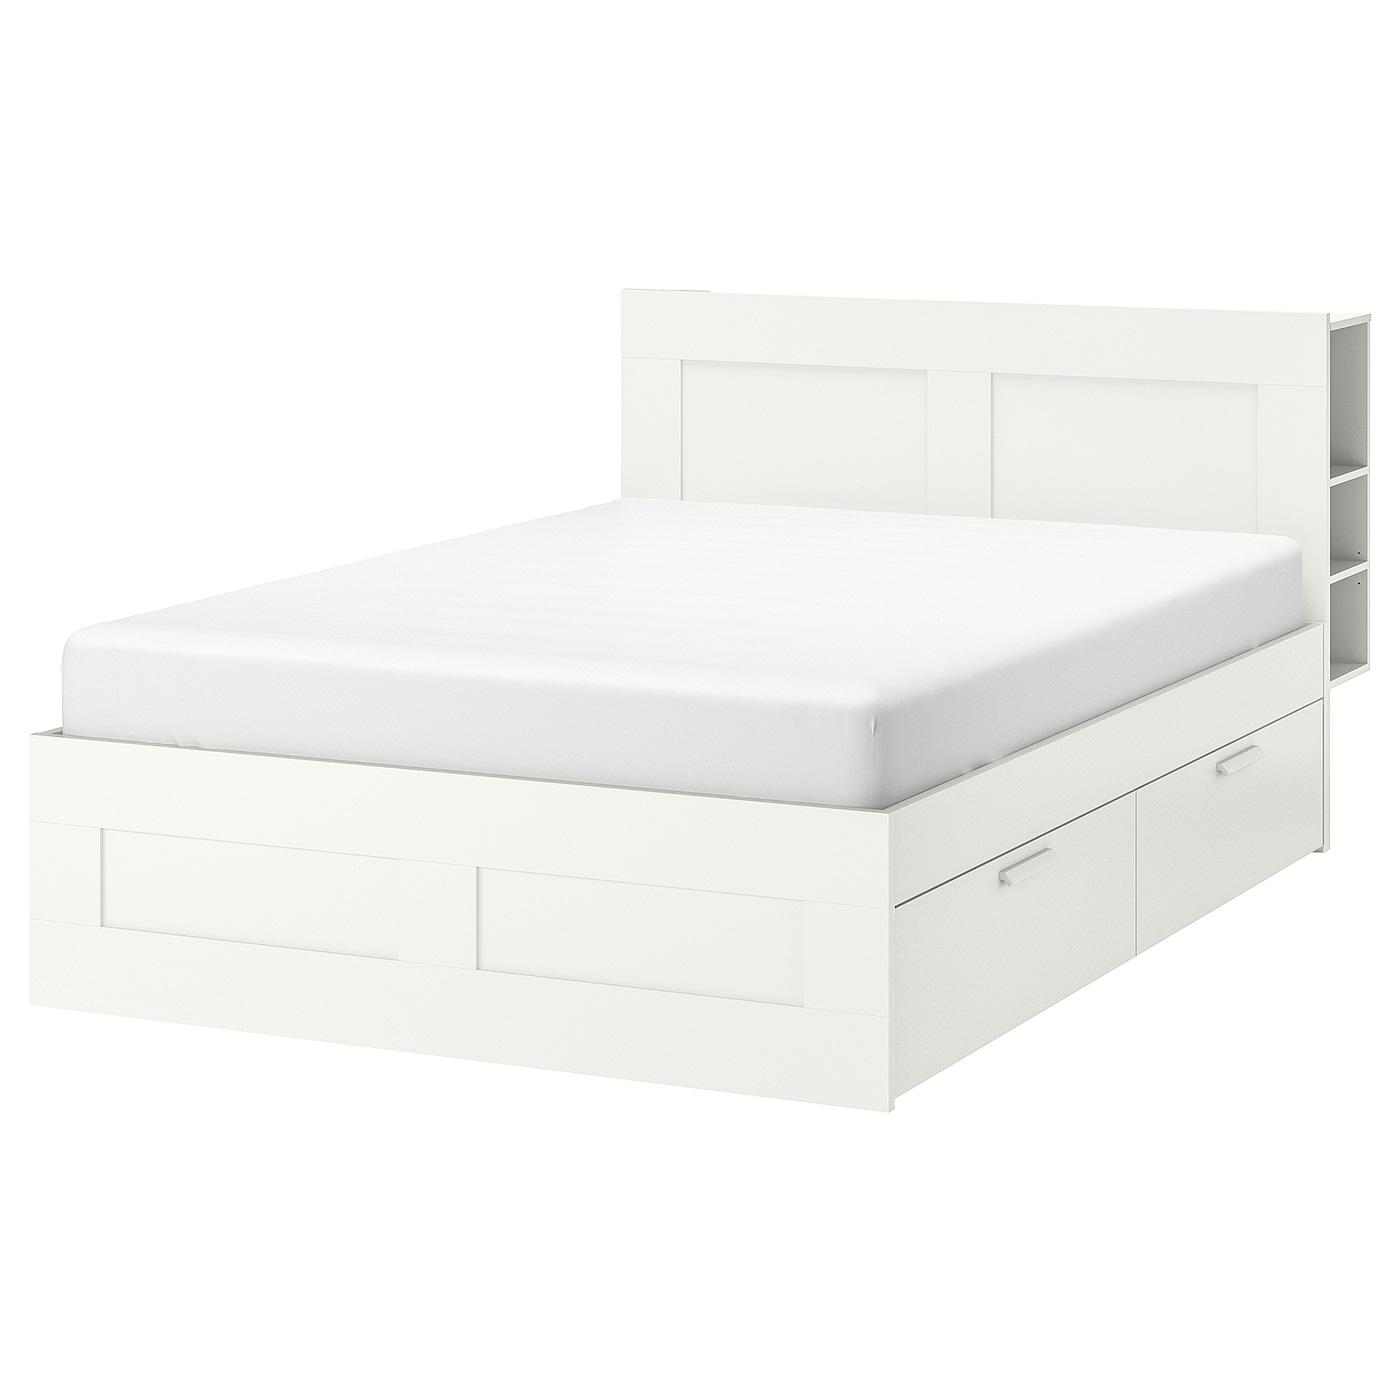 Full Size of Bett 120x200 Ikea Brimnes 140x200 Schwarz Zuhause Schlicht Weißes 160x200 90x200 Großes 120 X 200 Betten Kaufen Modern Design 100x200 Ausstellungsstück Wohnzimmer Bett 120x200 Ikea